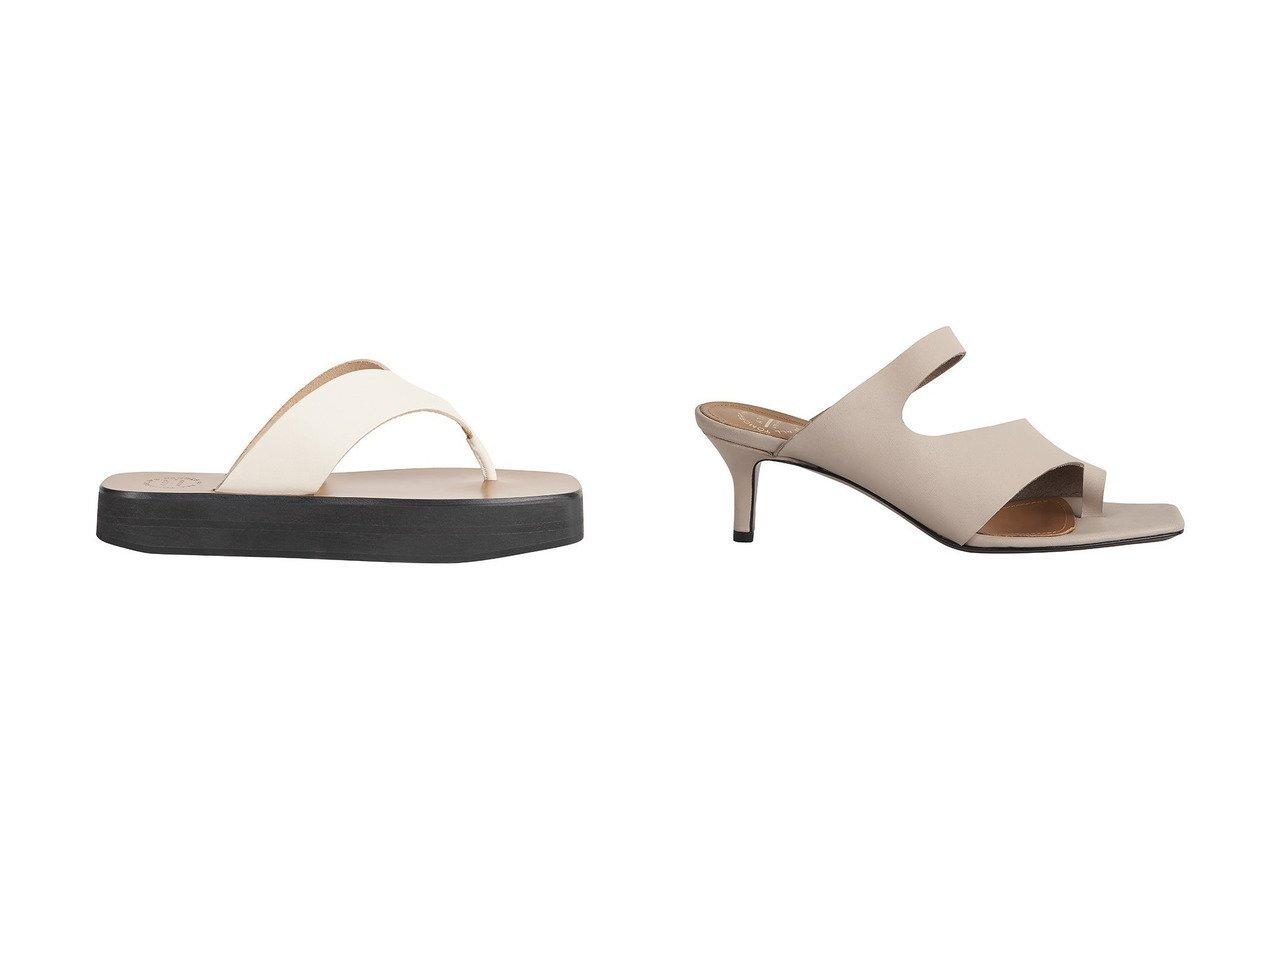 【ATP ATELIER/エーティーピーアトリエ】のPittuini トングミュール&Melitto 厚底トングサンダル 【シューズ・靴】おすすめ!人気、トレンド・レディースファッションの通販 おすすめで人気の流行・トレンド、ファッションの通販商品 メンズファッション・キッズファッション・インテリア・家具・レディースファッション・服の通販 founy(ファニー) https://founy.com/ ファッション Fashion レディースファッション WOMEN サンダル トレンド ヌーディ バランス フィット 厚底 |ID:crp329100000030190